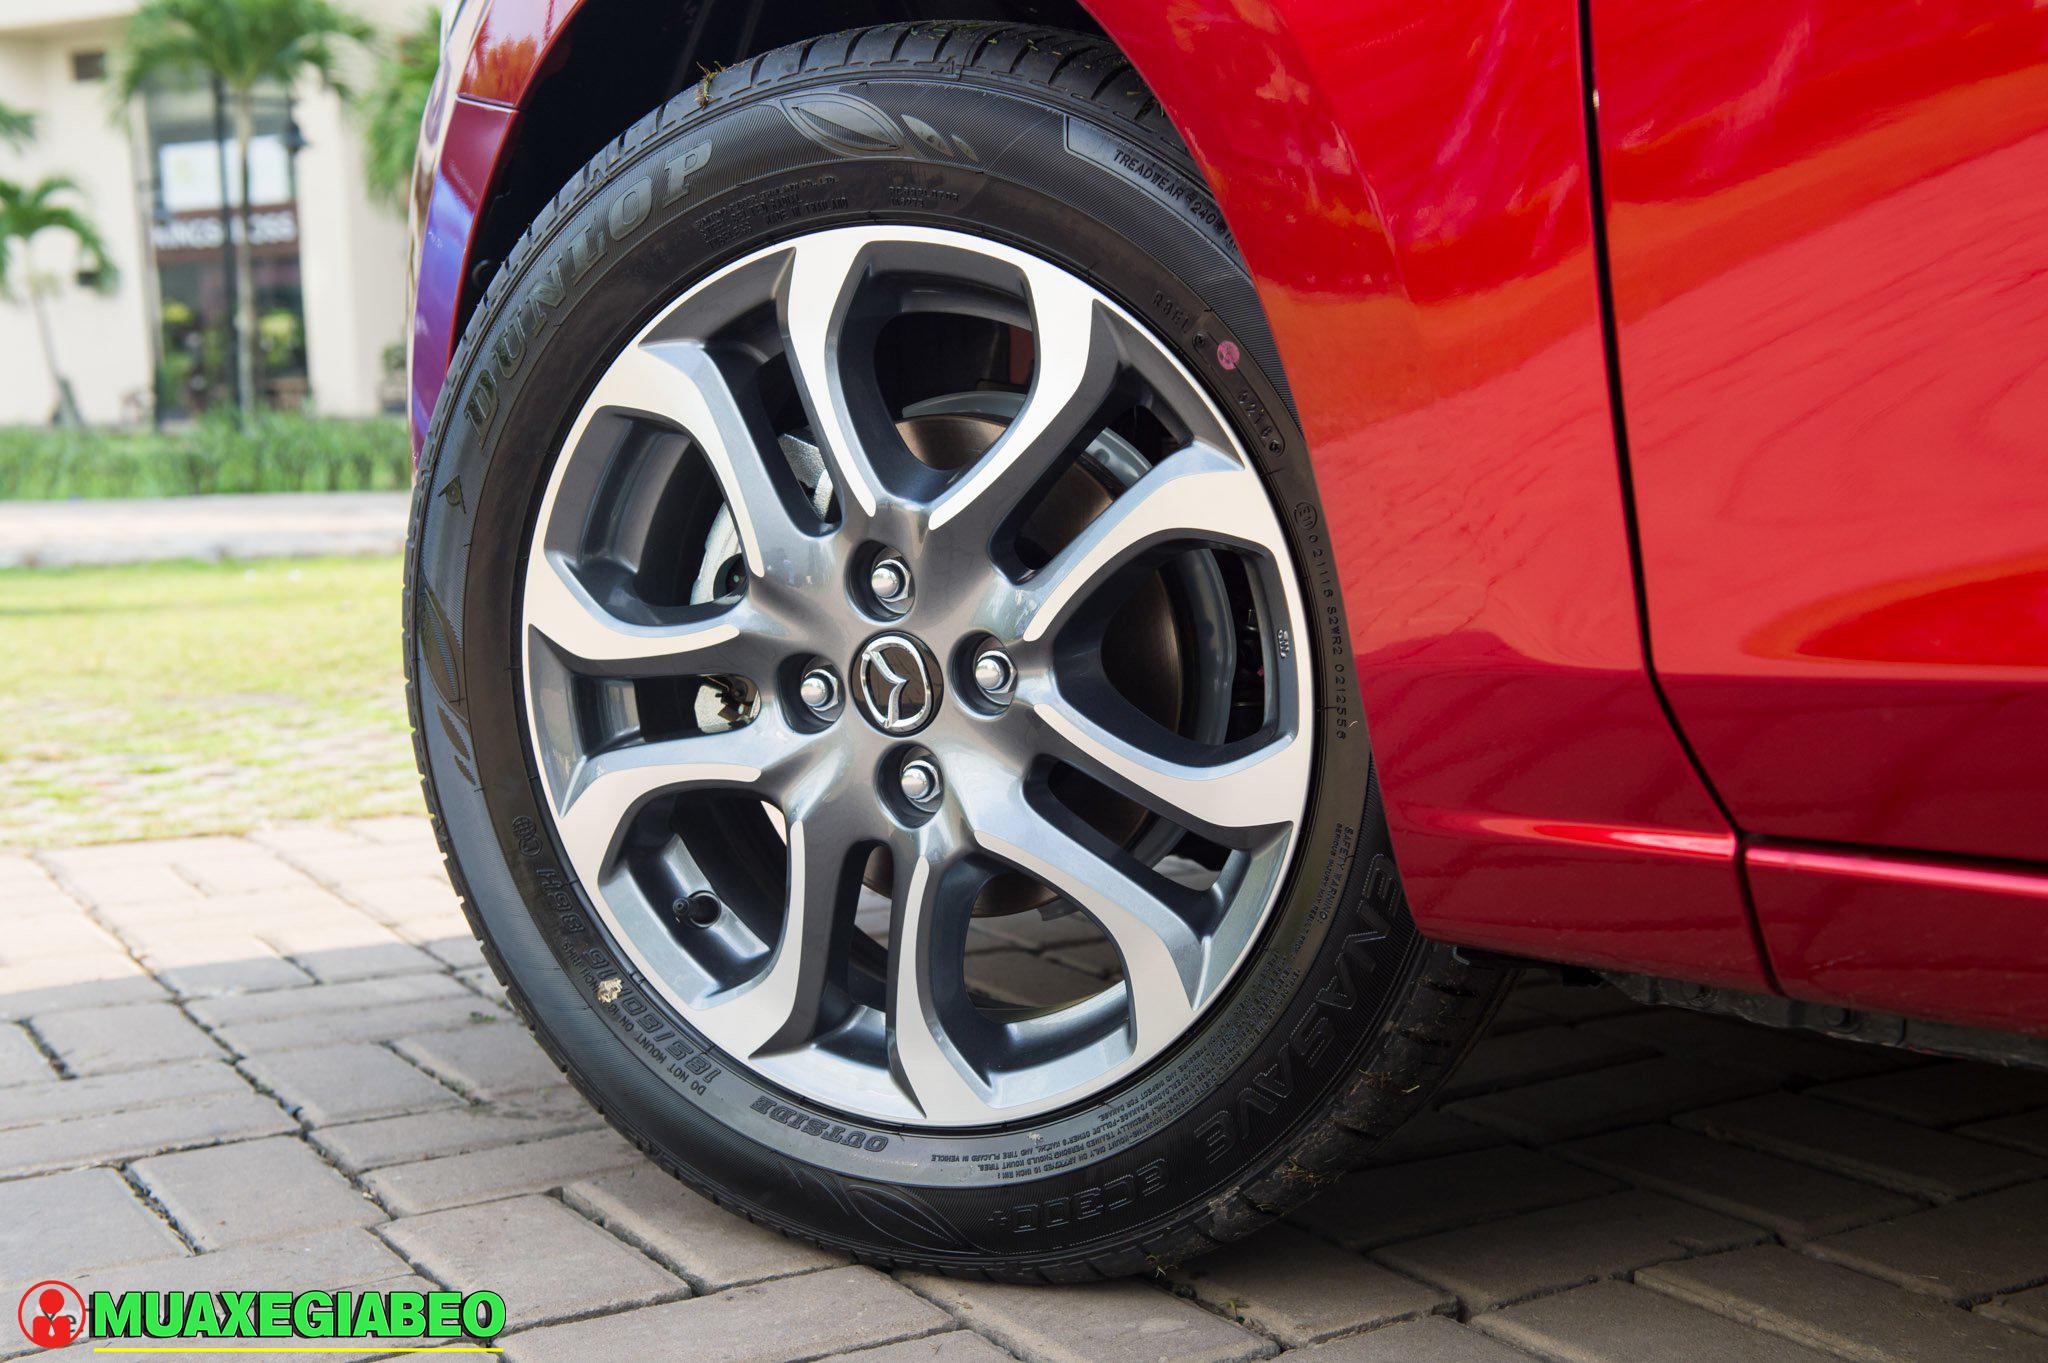 Xe Mazda 2 anh 3 - Mazda 2 [hienthinam]: thông số, giá xe & khuyến mãi tháng [hienthithang]